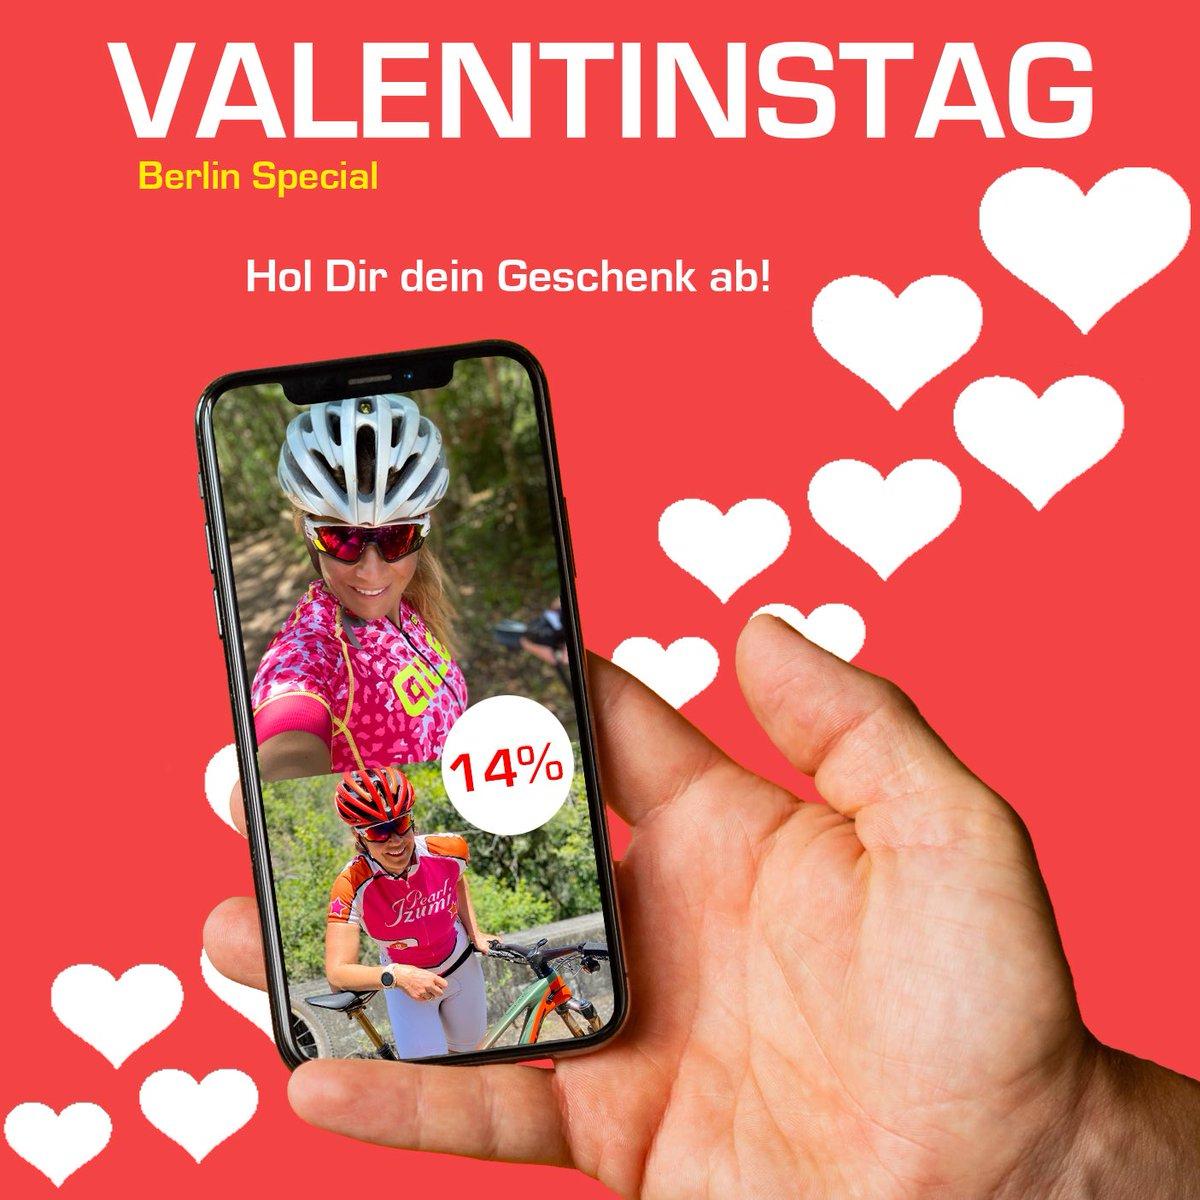 Valentinstag Special in Berlin   Wir schenken euch 14% Rabatt auf #Frauenbekleidung diesen Freitag in beiden Berliner Häusern   * Aktion nur in beiden Berliner Häusern am 14.02.2020 gültig, nicht kombinierbar mit anderen Gutscheinen oder Rabattaktionen  #Valentinstag #lovepic.twitter.com/nXqGLrs2sJ